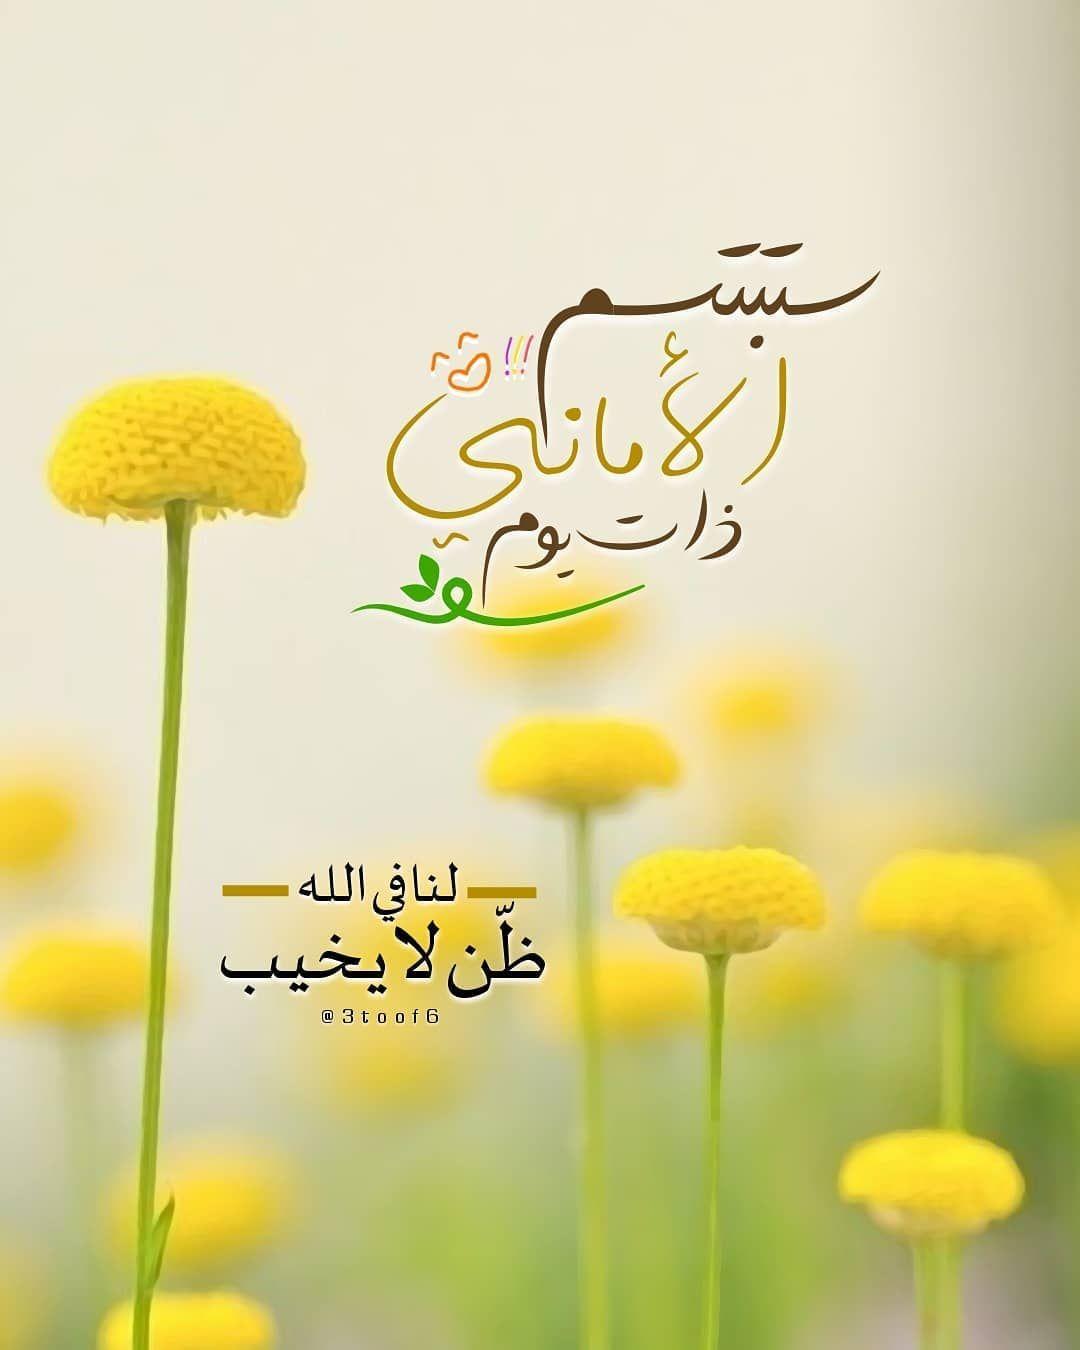 صروح المجد On Instagram ستبتسم الأماني ذات يوم لنا في الله ظ ن لا يخيب Axplore Explor Good Morning Arabic Islamic Quotes Quran Islamic Images